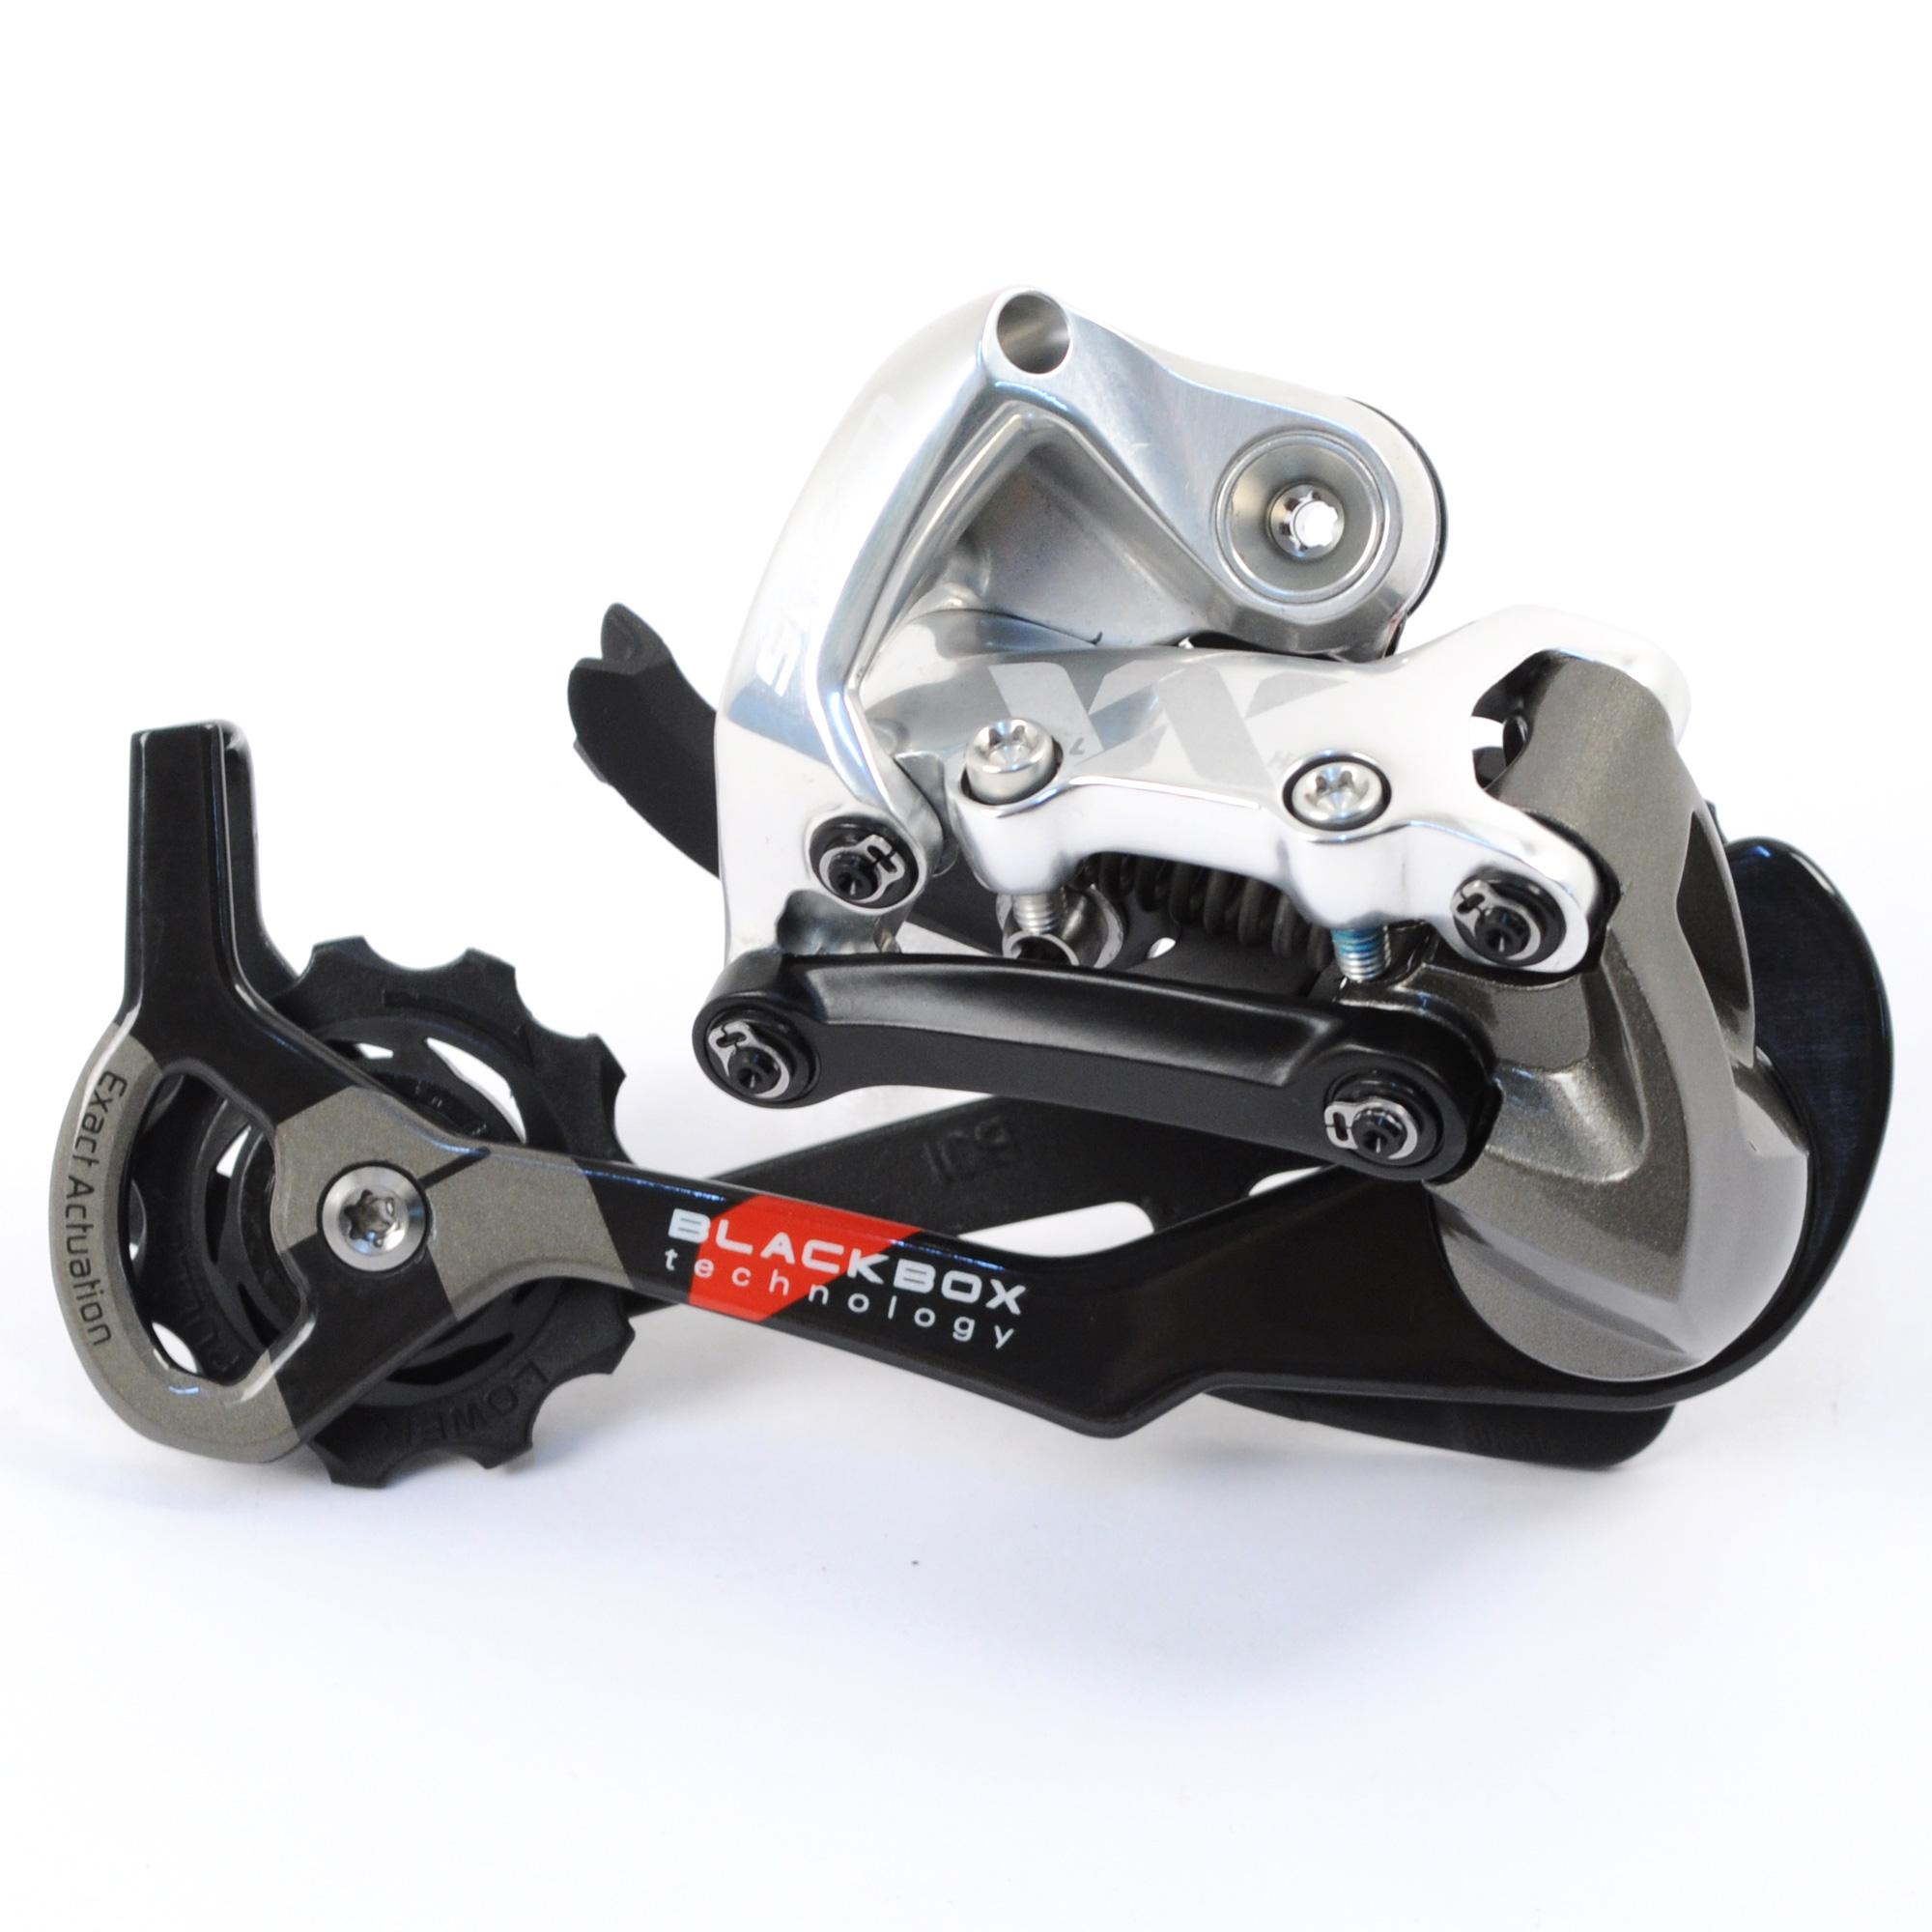 SRAM XX Mountain Bike Rear Derailleur // 10-Speed // Long Cage   eBay